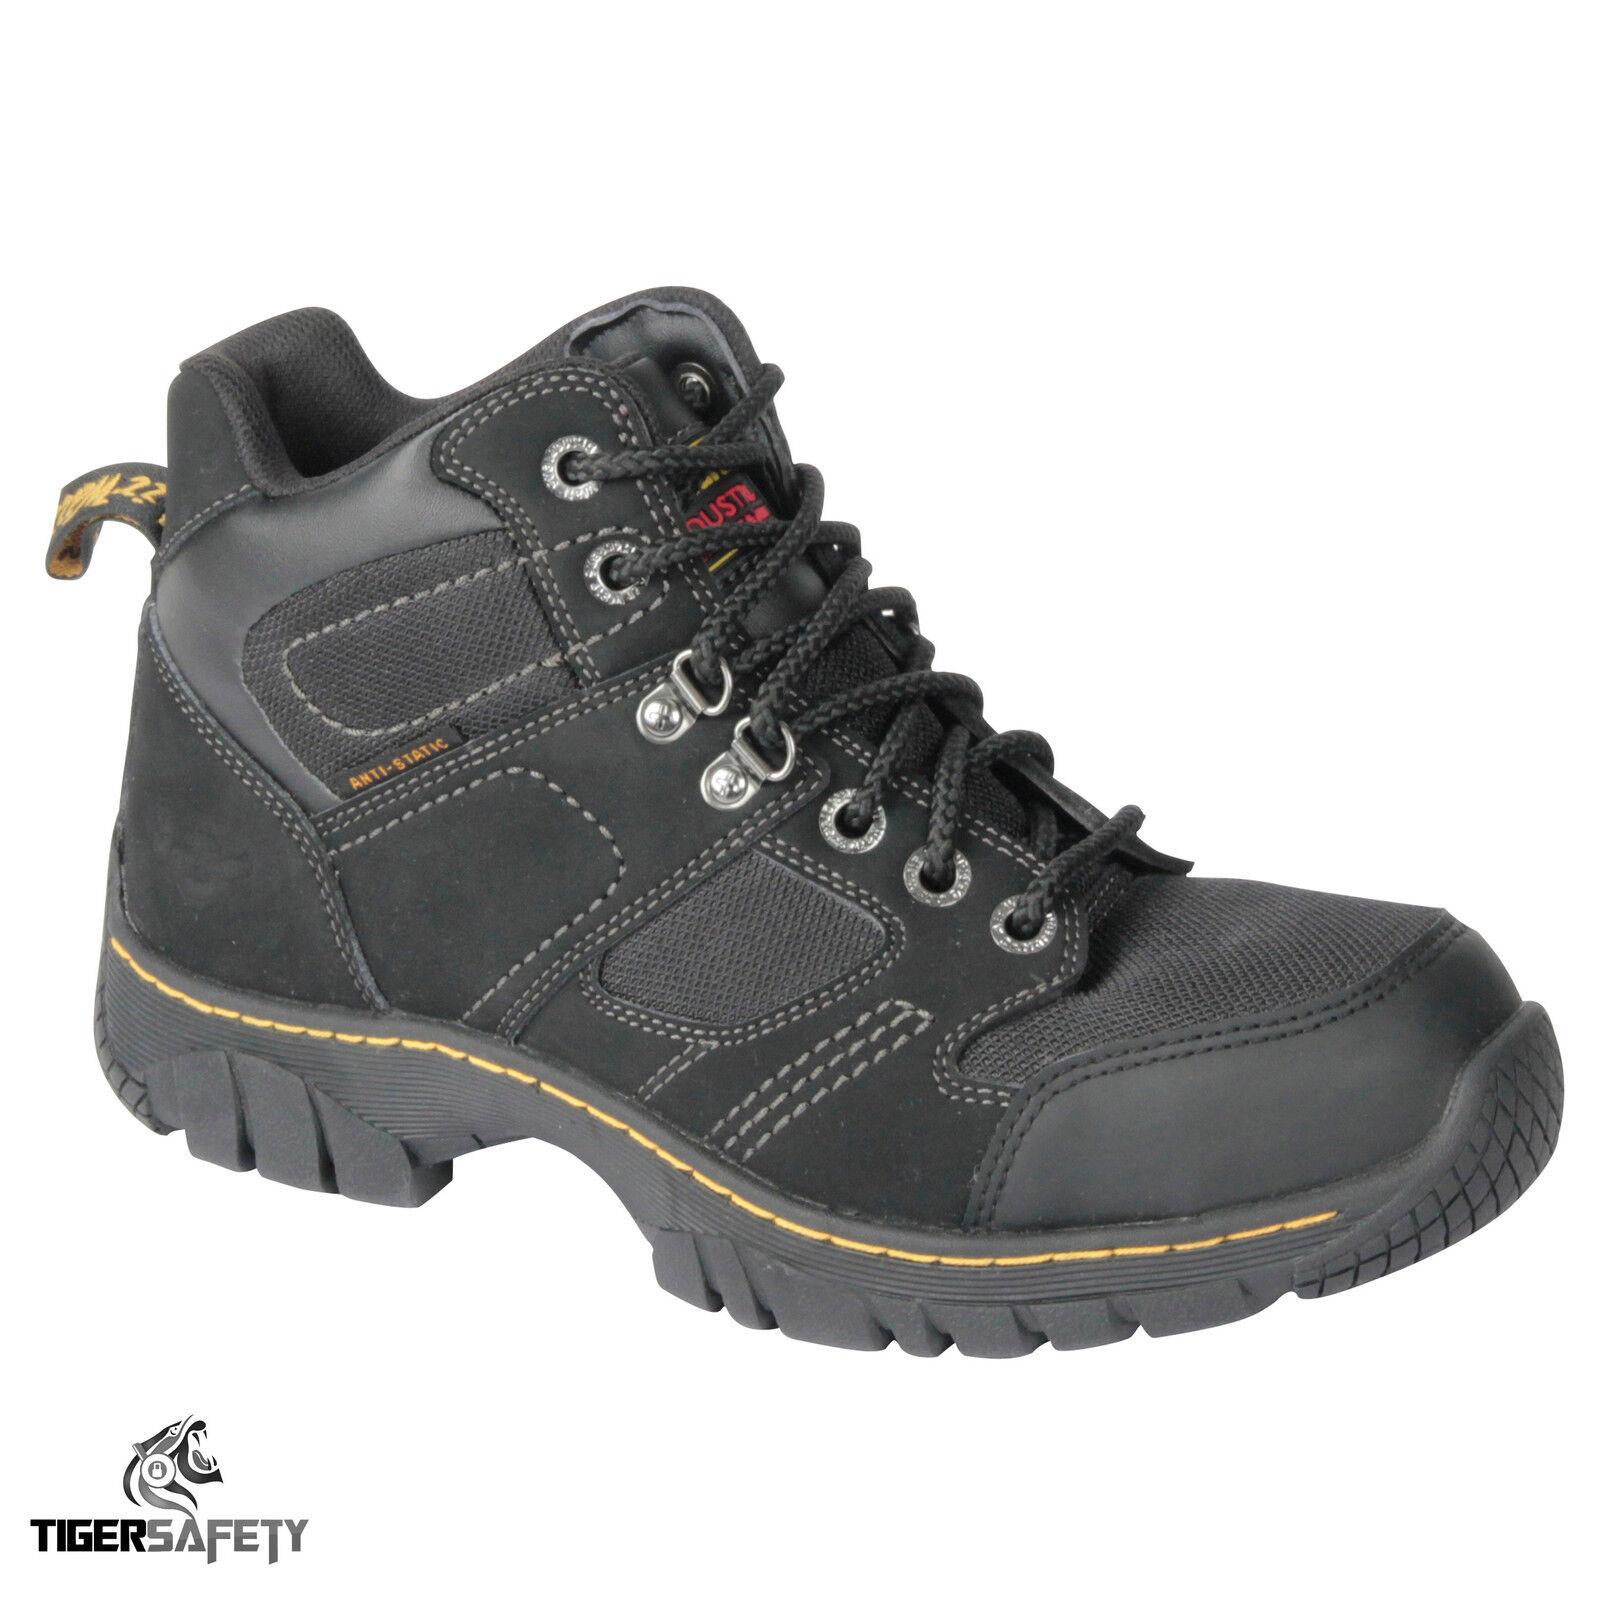 DR Martens DM Acciaio Docs BENHAM ST in Acciaio DM Leggero Punta In Pelle Stivali di Sicurezza PPE 8ca355